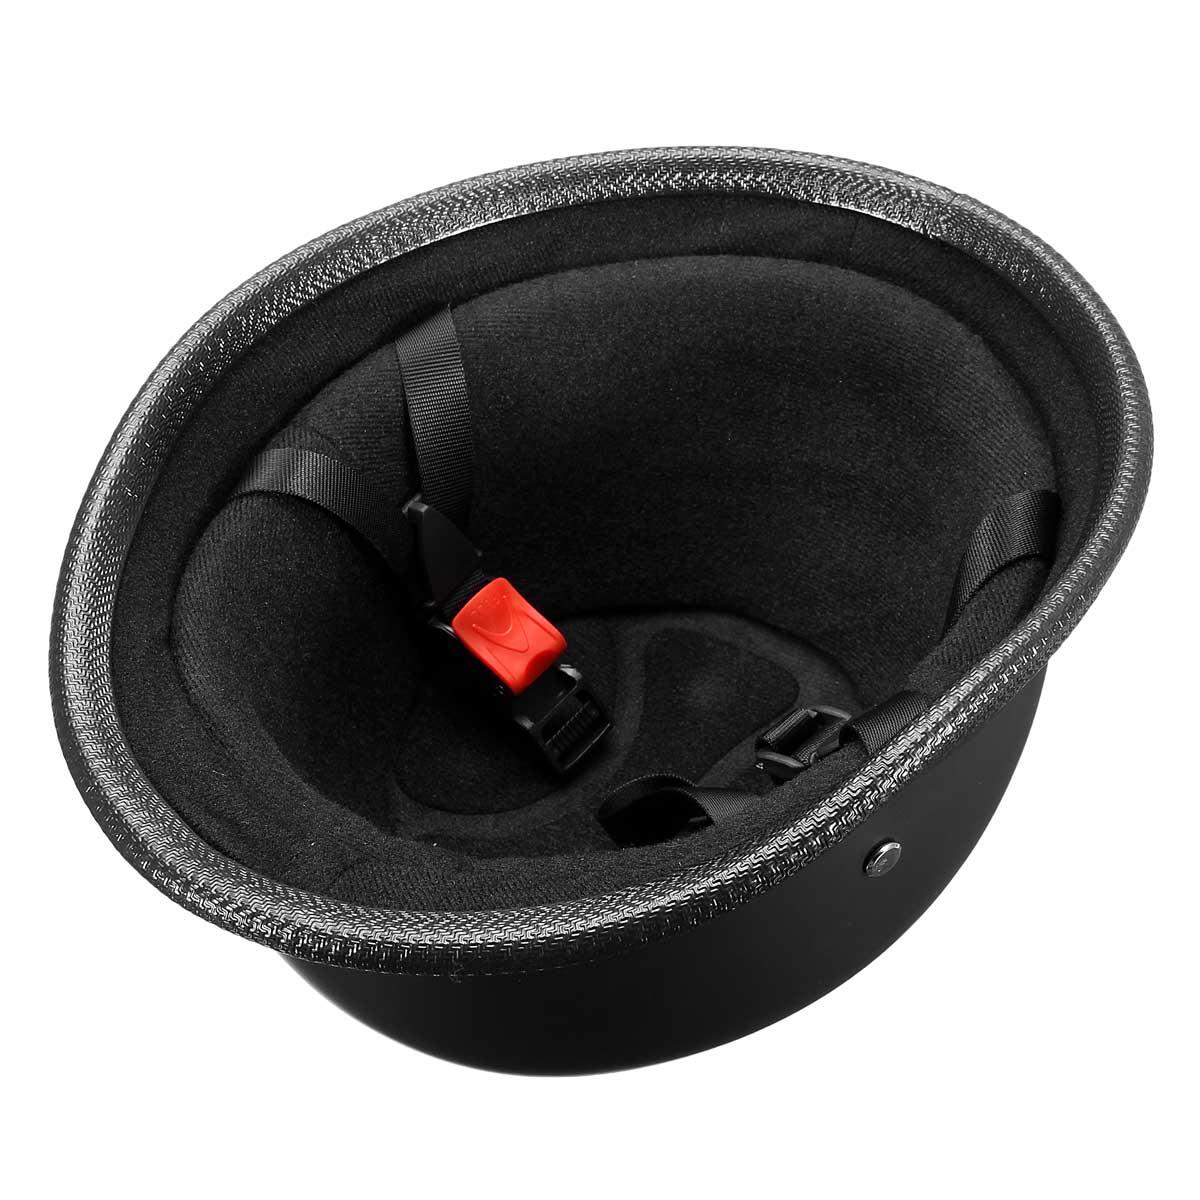 abs plastic motorcycle helmet motorcross capacete half. Black Bedroom Furniture Sets. Home Design Ideas